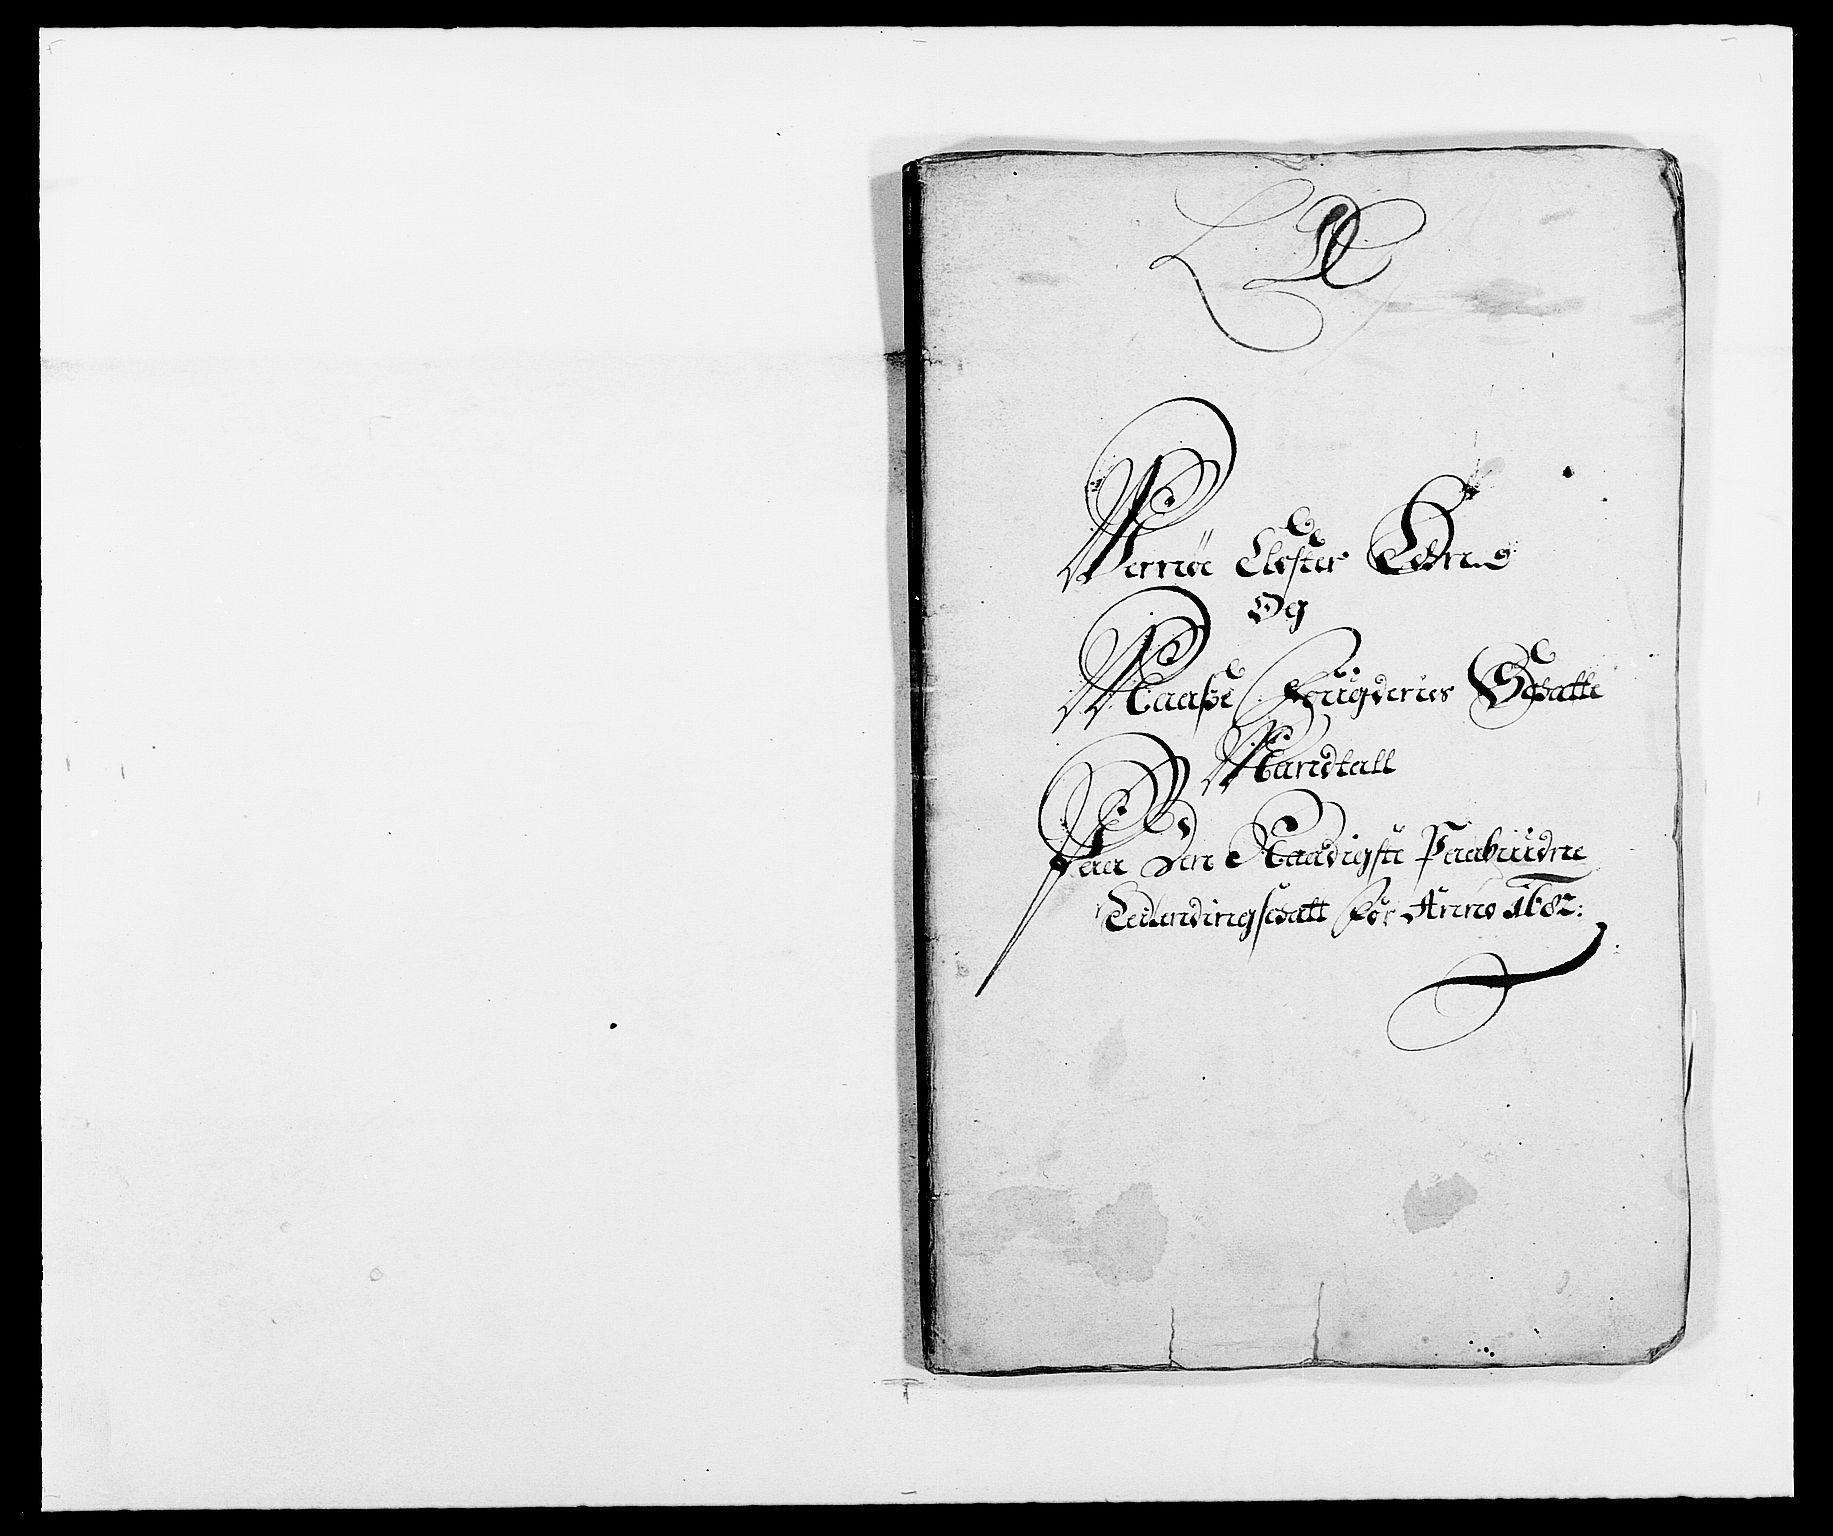 RA, Rentekammeret inntil 1814, Reviderte regnskaper, Fogderegnskap, R02/L0103: Fogderegnskap Moss og Verne kloster, 1682-1684, s. 116